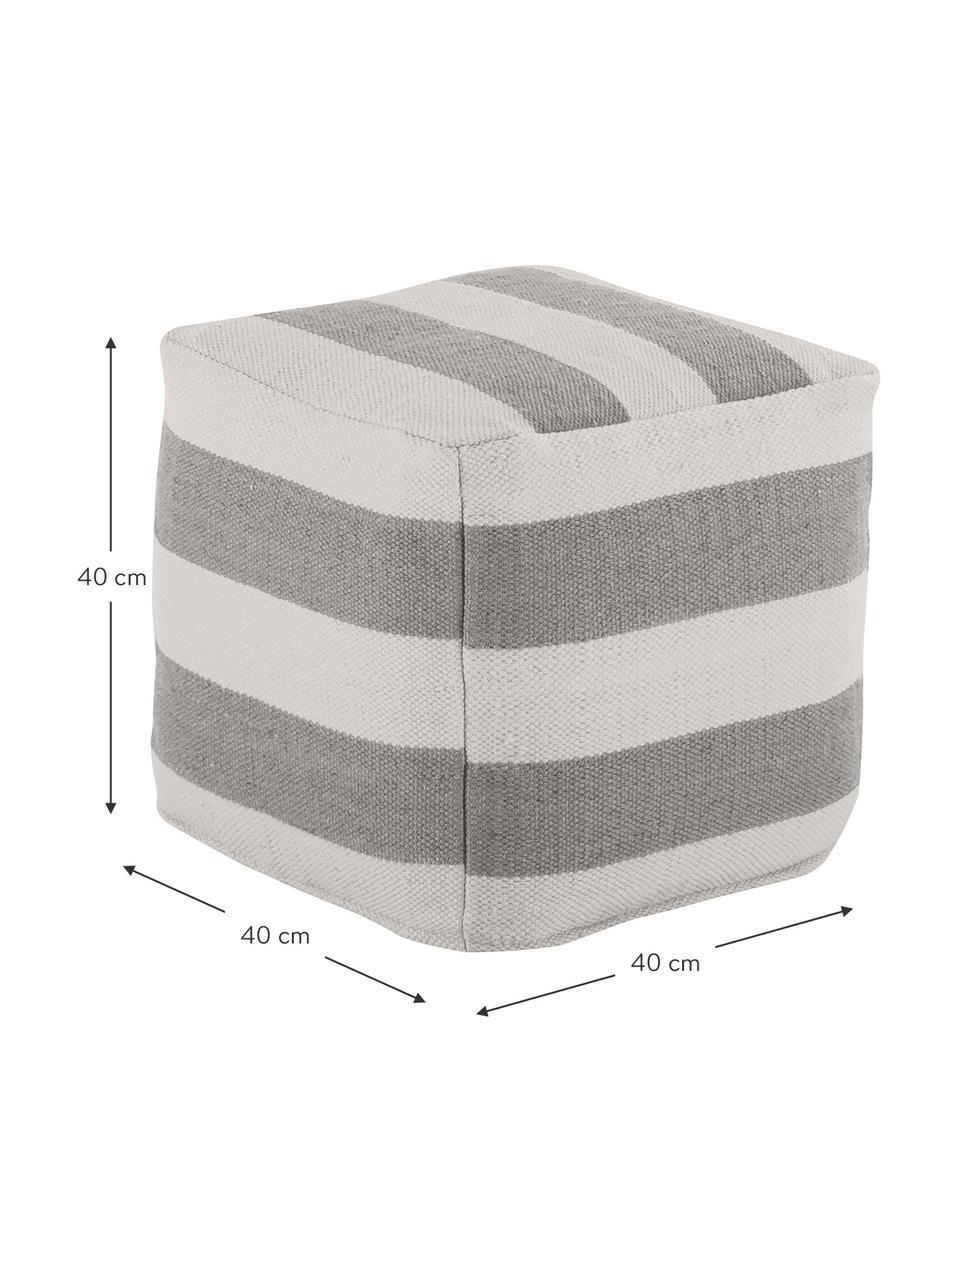 Pouf da interno-esterno Lani, Rivestimento: 100% poliestere riciclato, Grigio, ecru, Larg. 40 x Alt. 40 cm